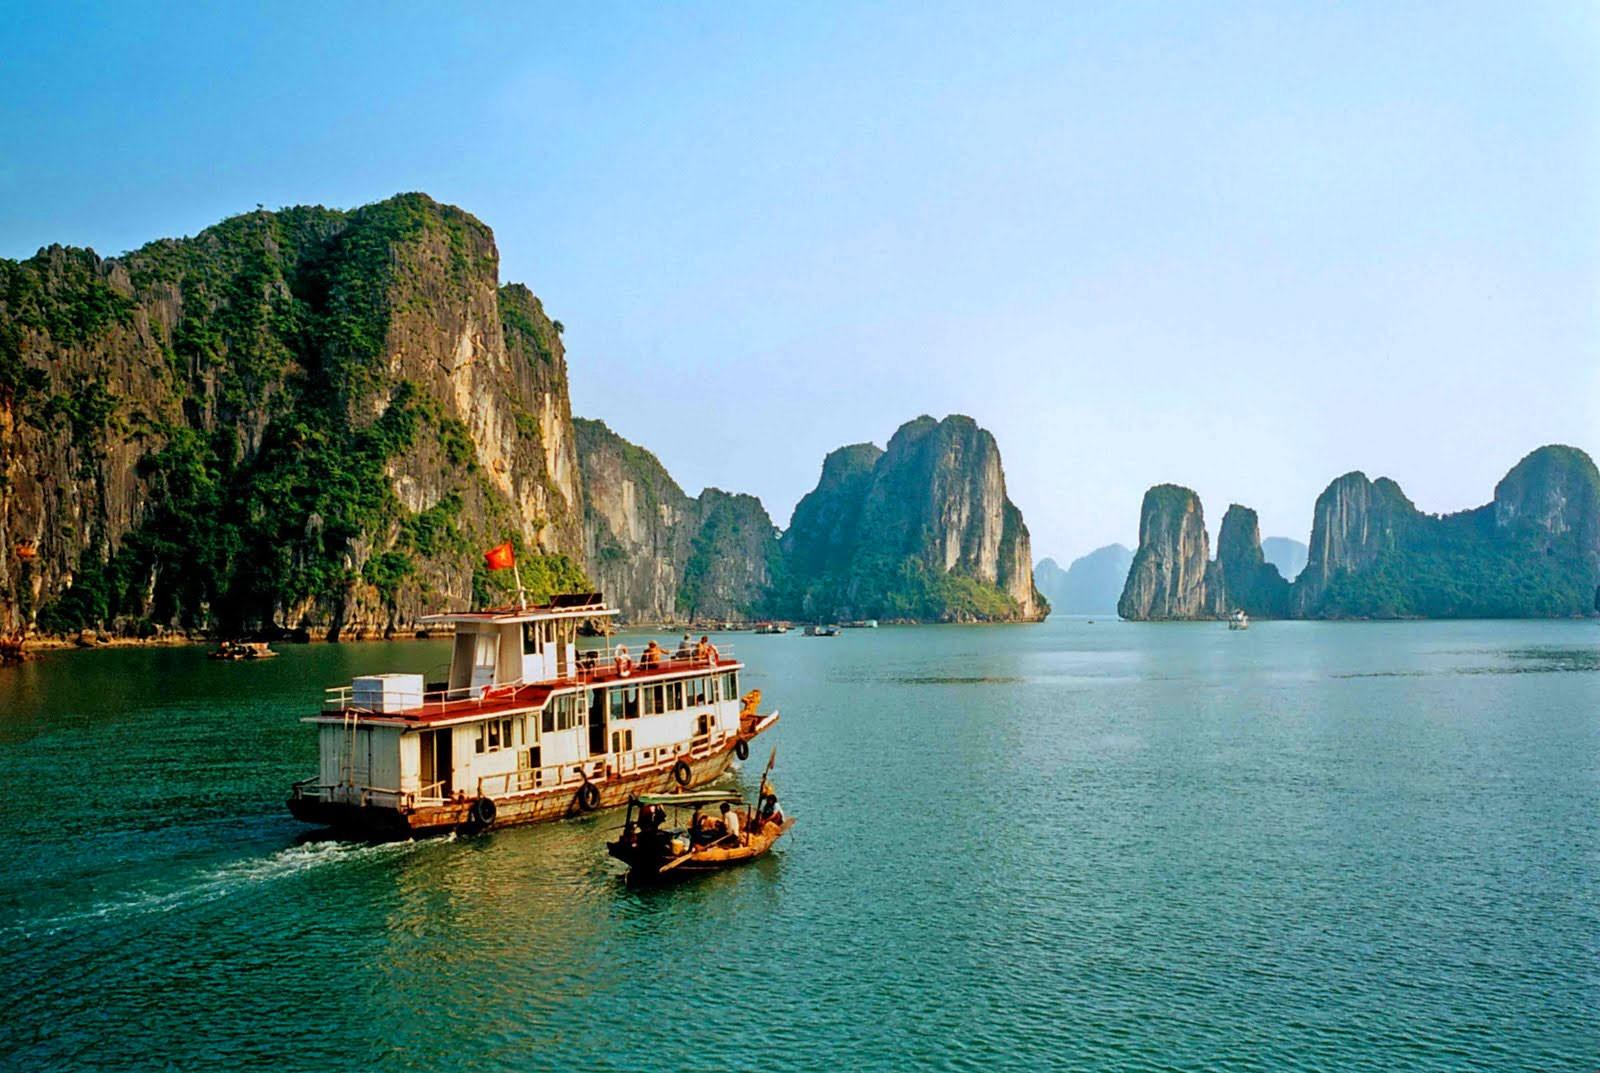 этой самые красивые места в азии фото стерилизованы